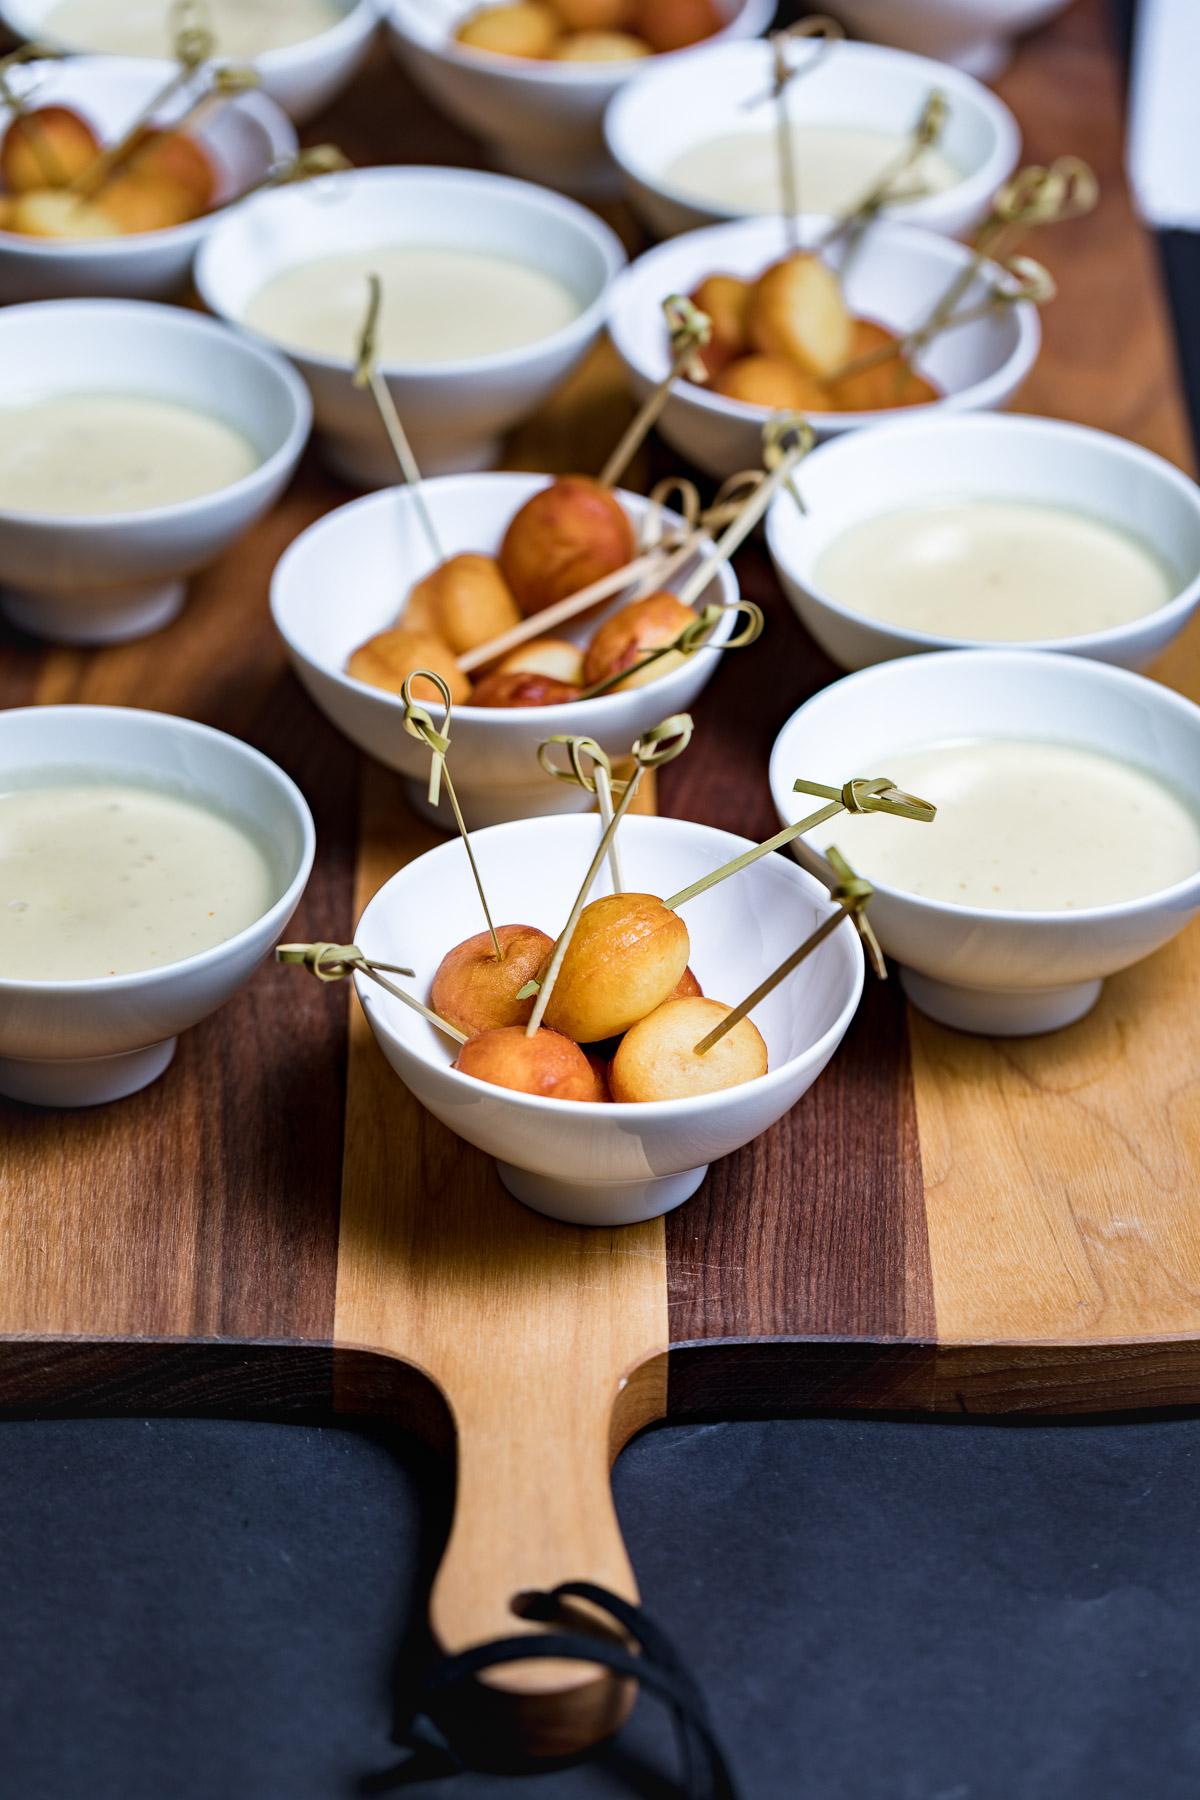 Gericht zum Teilen im Restaurant des Eringer Hotel & Spa im 4-Täler-Gebiet in der Schweiz